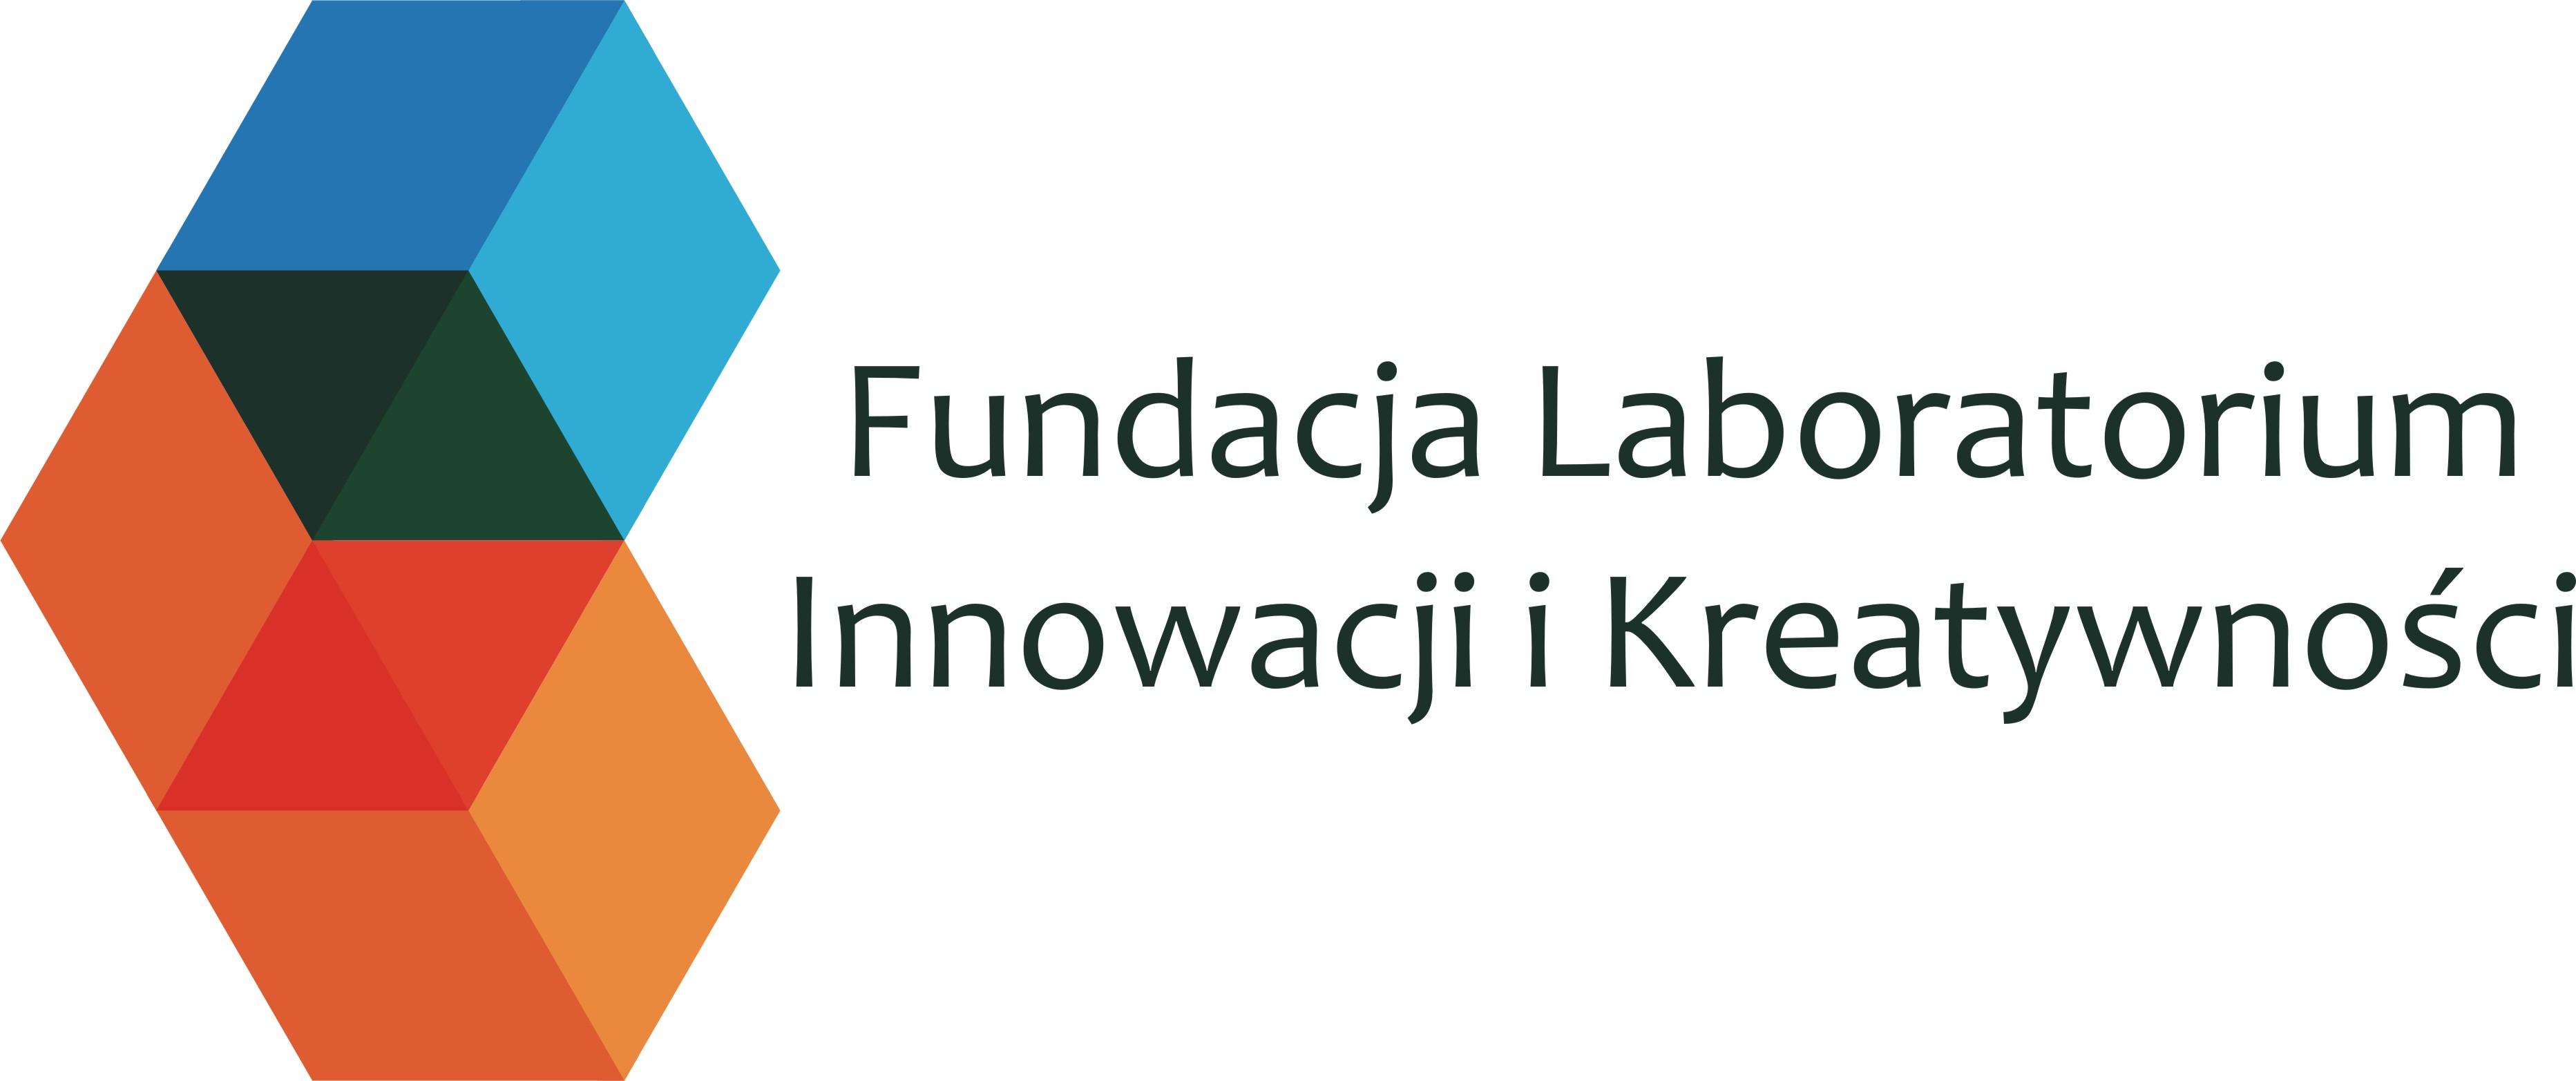 Fundacja Laboratorium Innowacji i Kreatywności